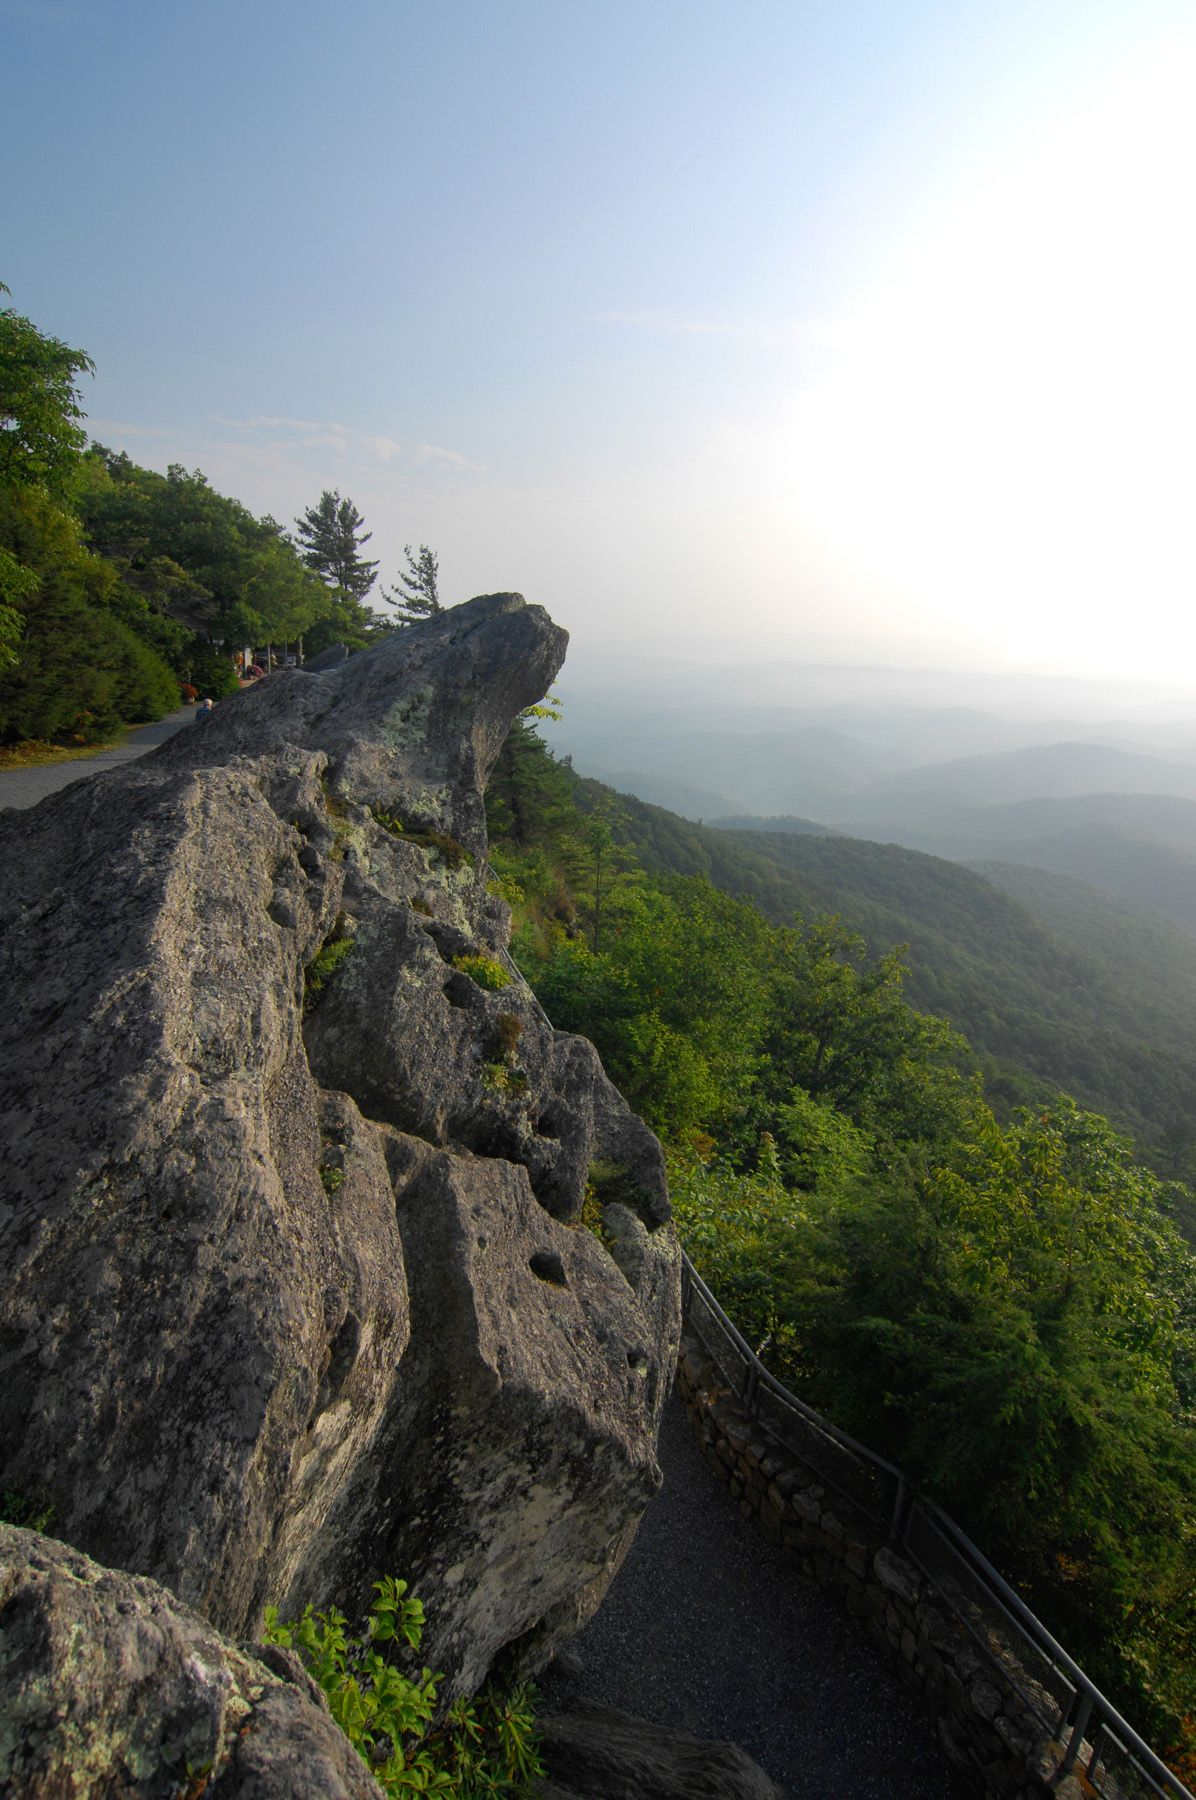 Blowing Rock, North Carolina | Camping in north carolina ...